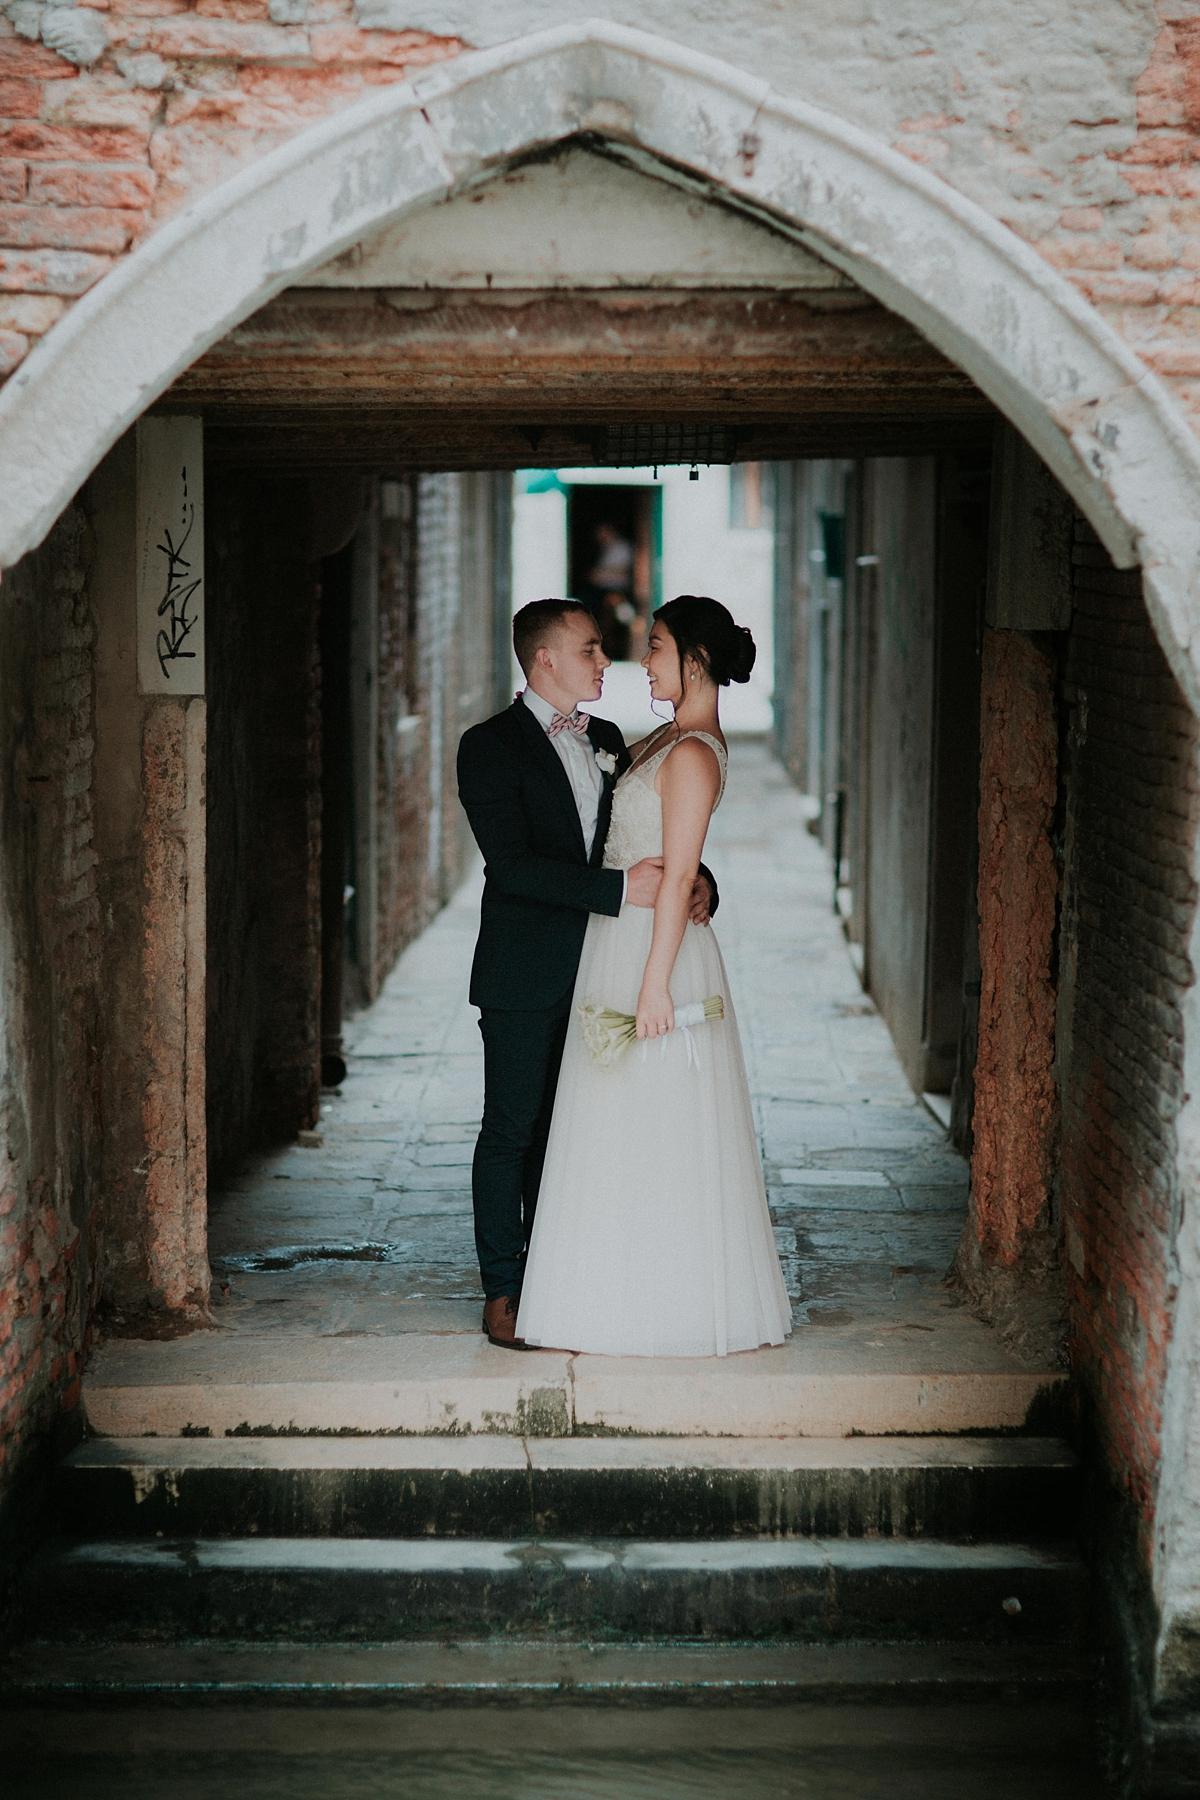 daniele-padovan-fotografo-matrimonio-venezia_0041